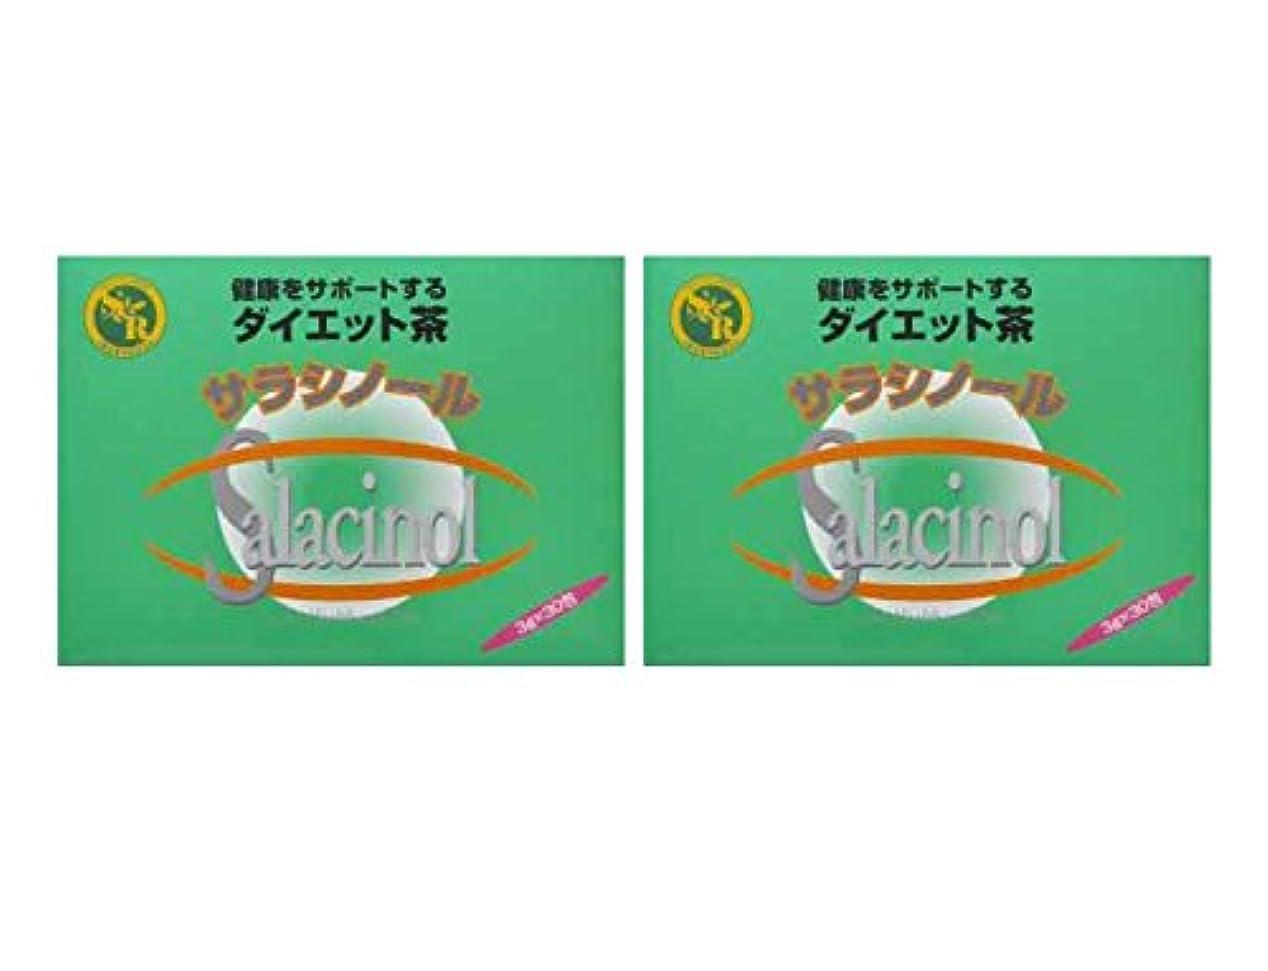 寛大さ昼食応じるジャパンヘルス サラシノール茶 3g×30包×2箱セット(サラシア茶?ダイエット茶)